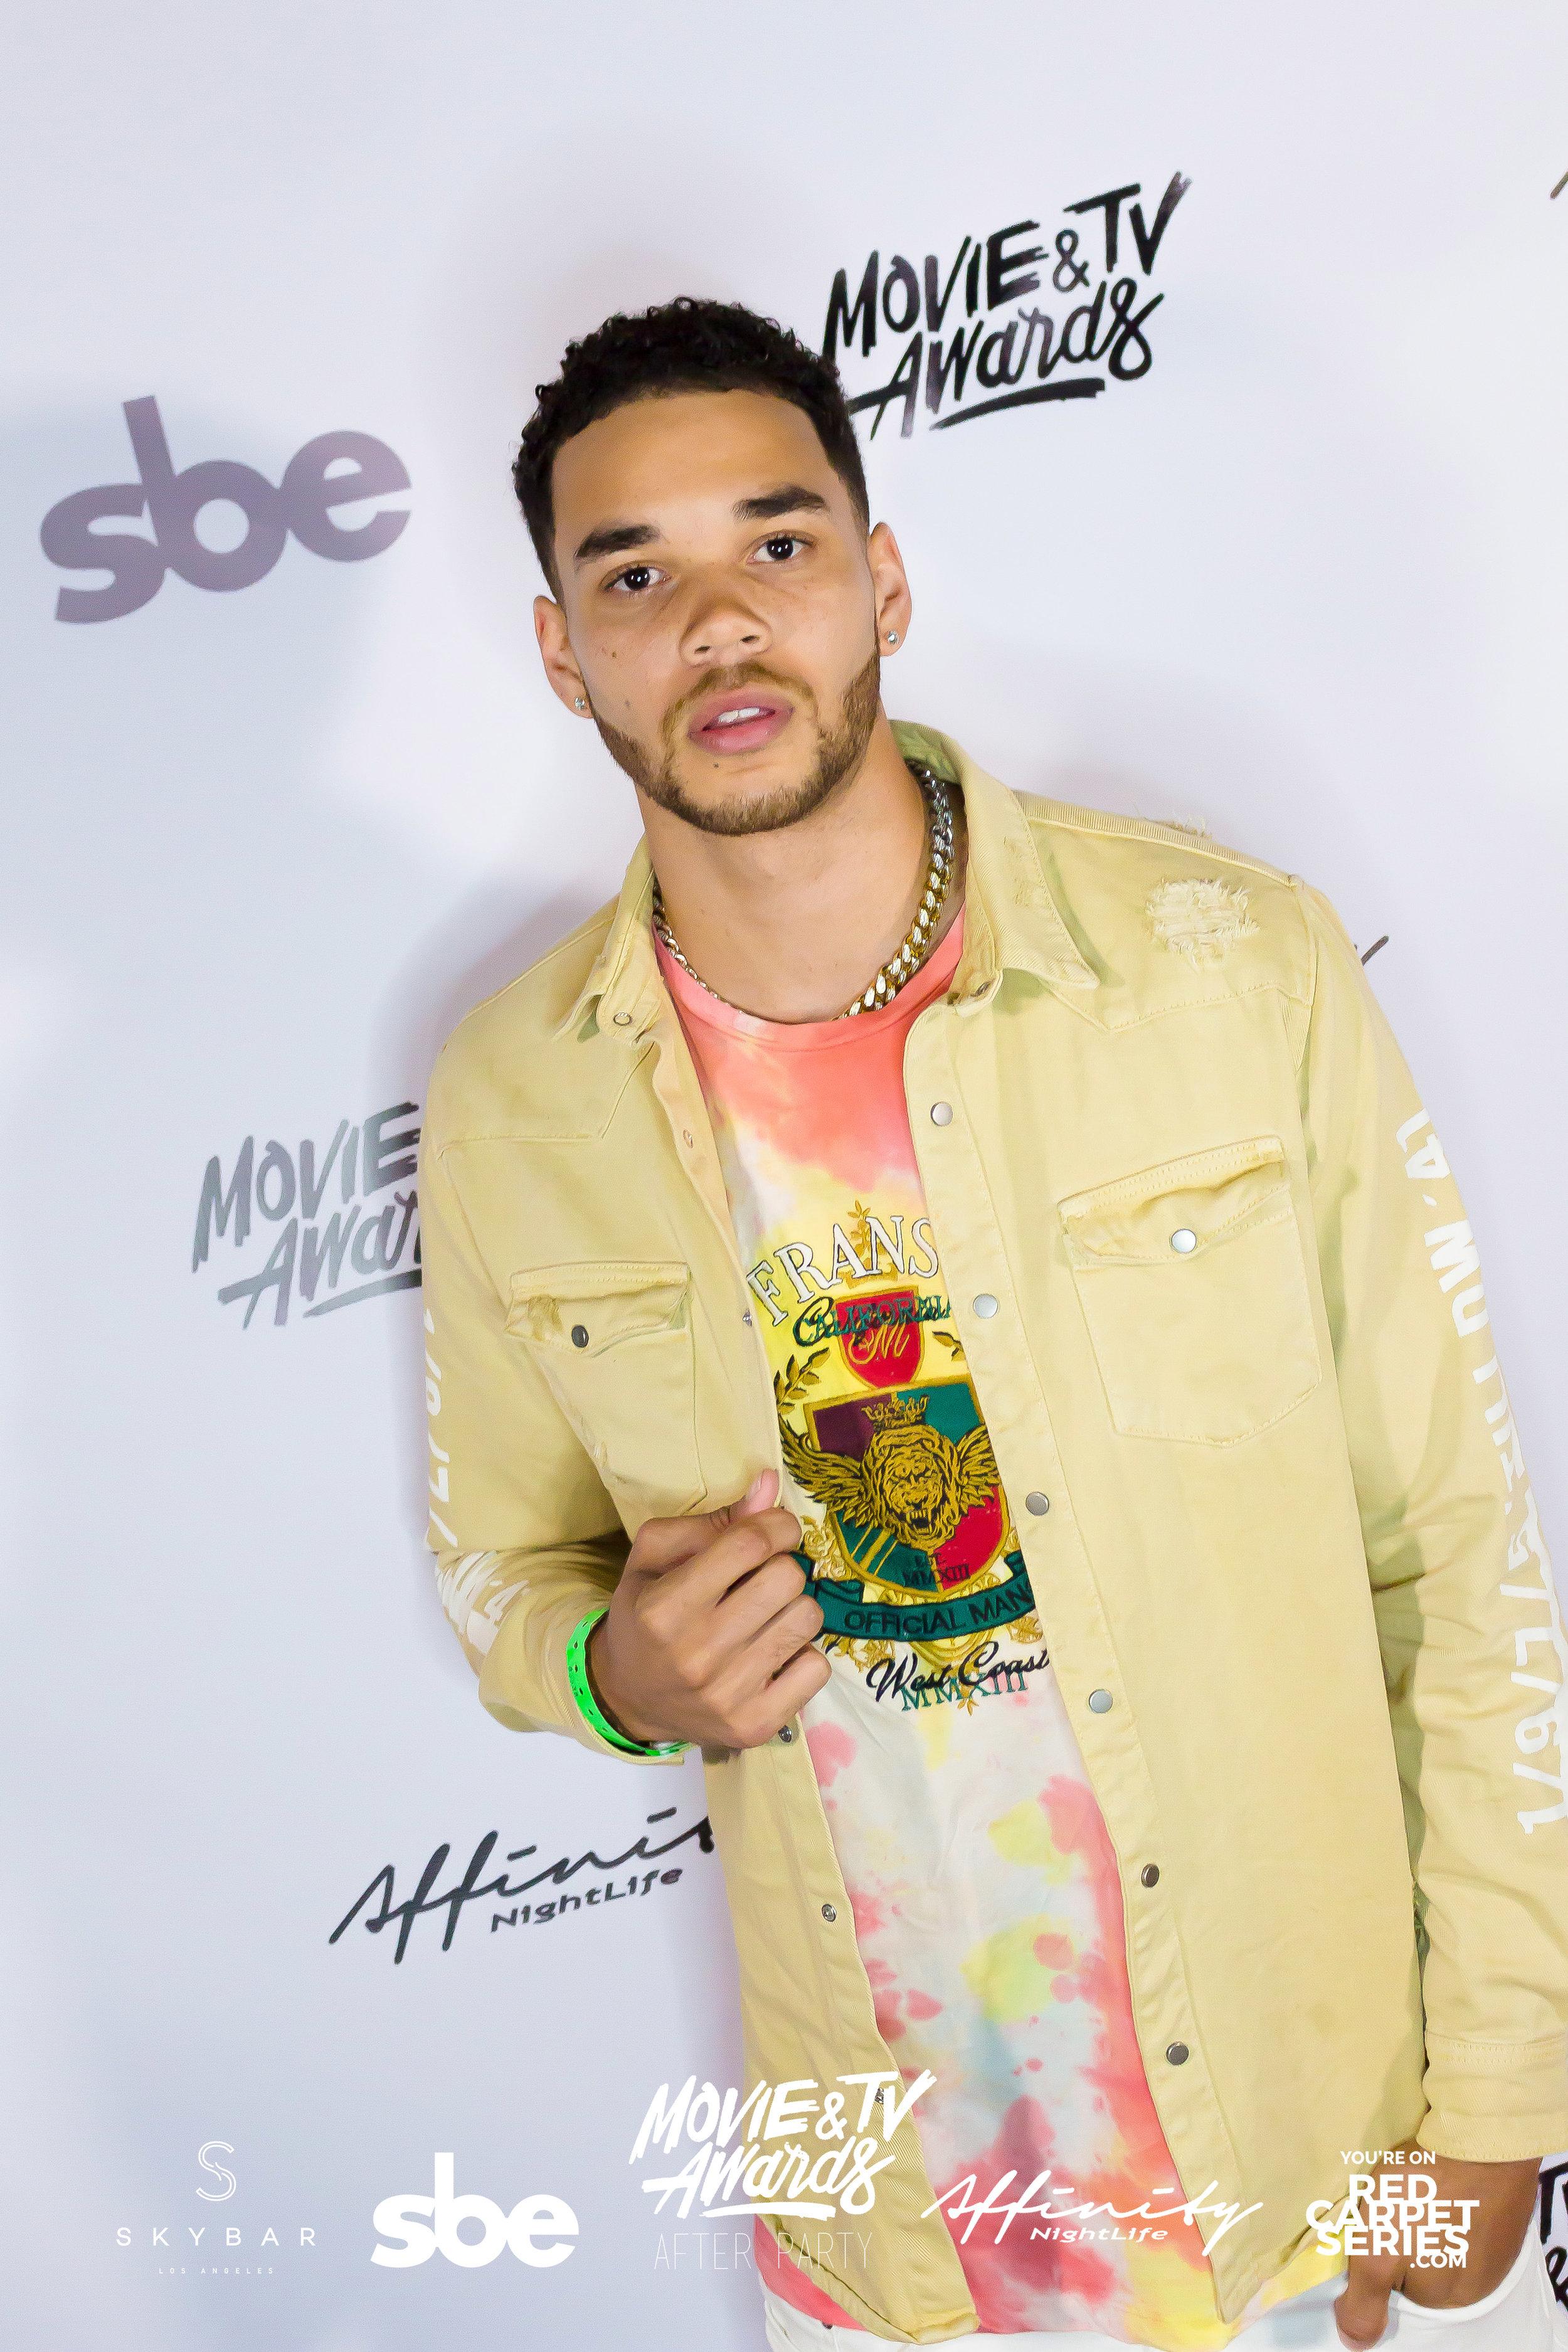 Affinity Nightlife MTV Movie & TV Awards After Party - Skybar at Mondrian - 06-15-19 - Vol. 2_11.jpg